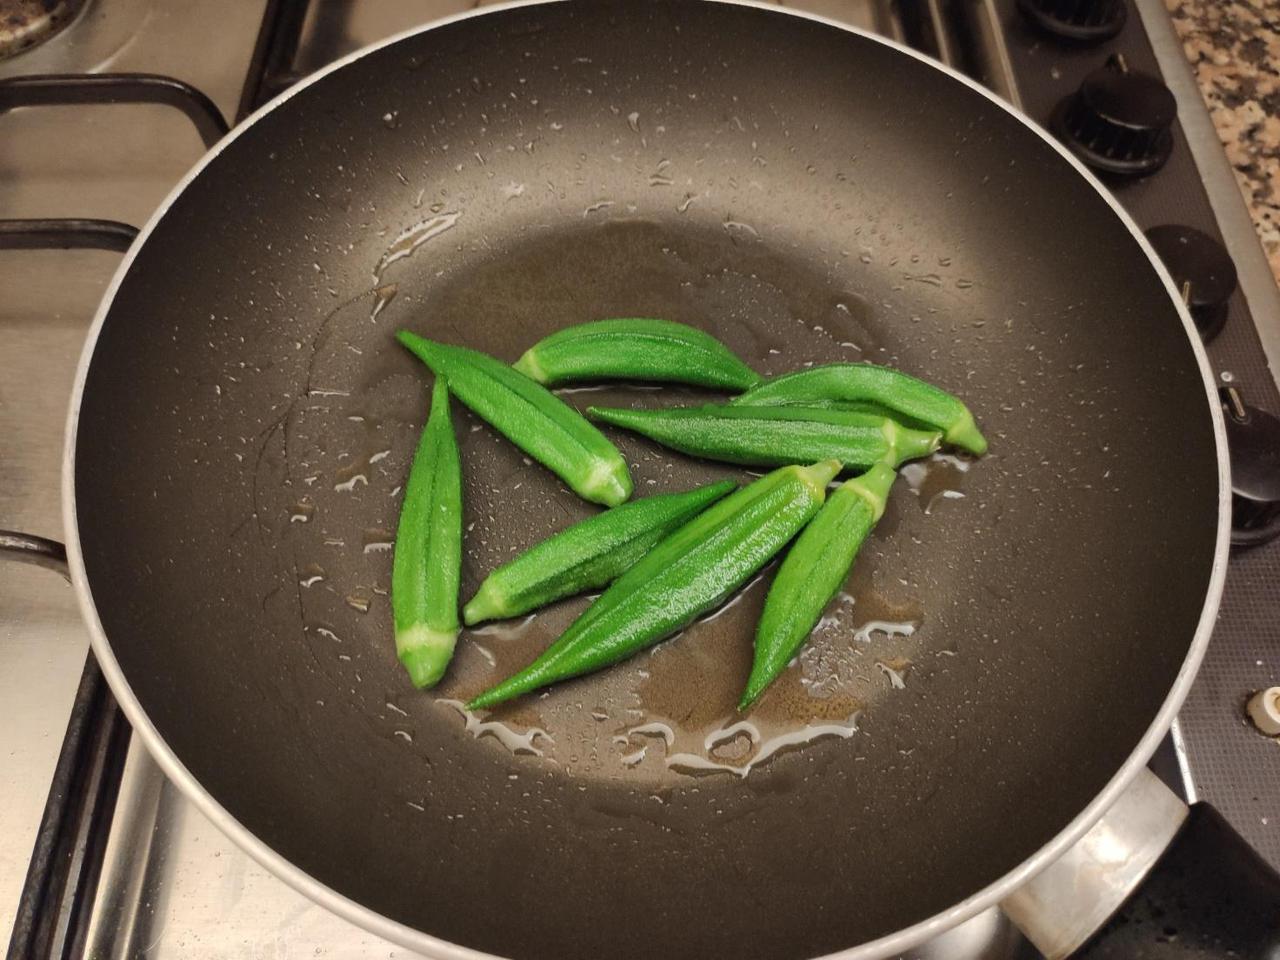 画像: 筆者撮影 下処理したオクラをオリーブオイルで焼く